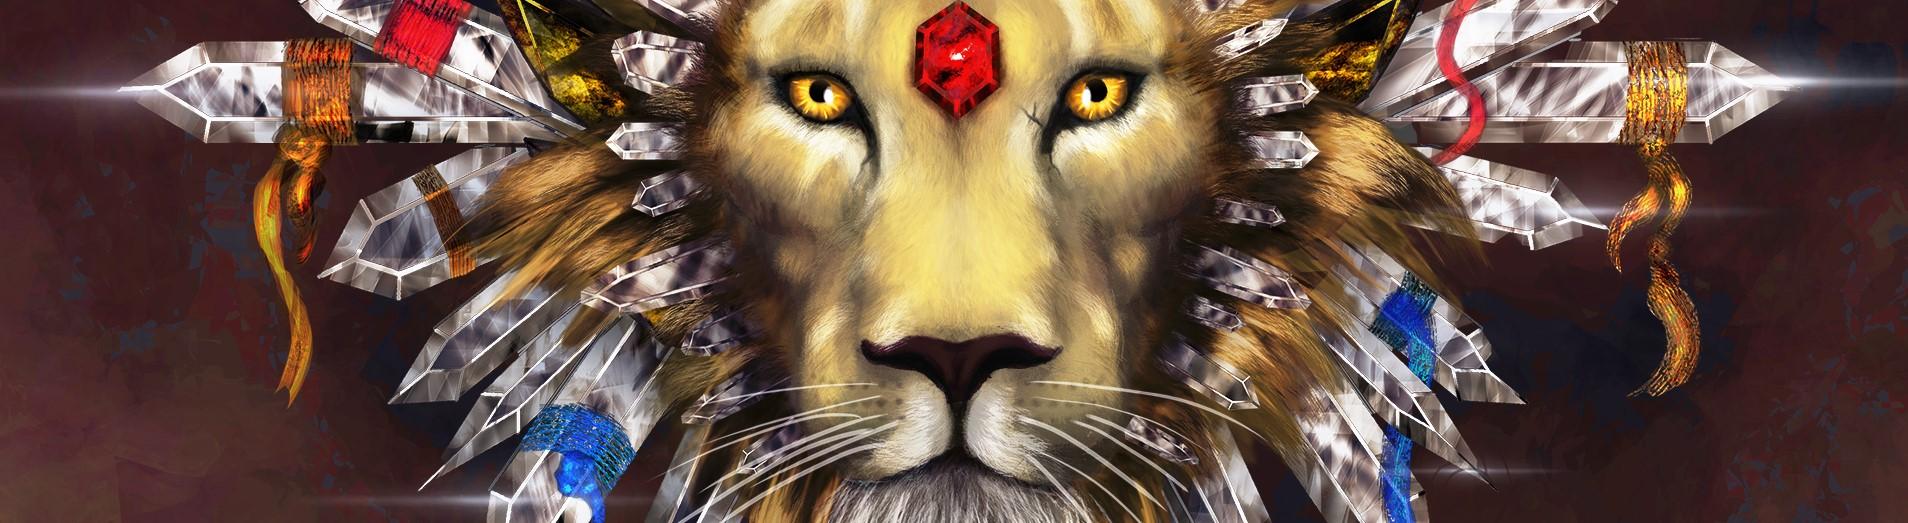 Lion Sigil Preview horizontal.jpg